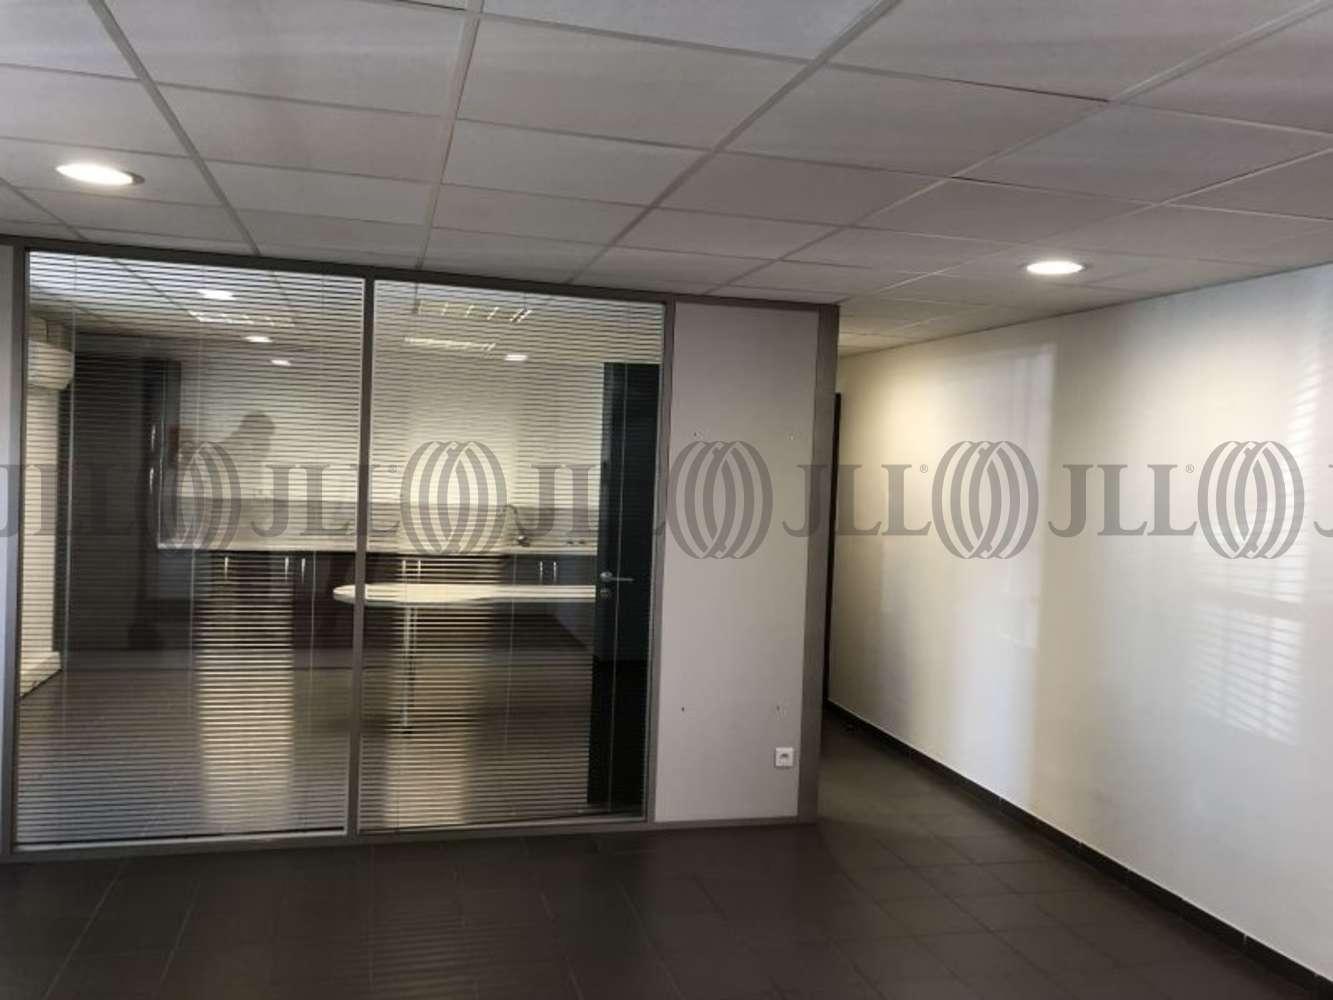 Activités/entrepôt Villeurbanne, 69100 - Location entrepôt Villeurbanne / Lyon - 10927783